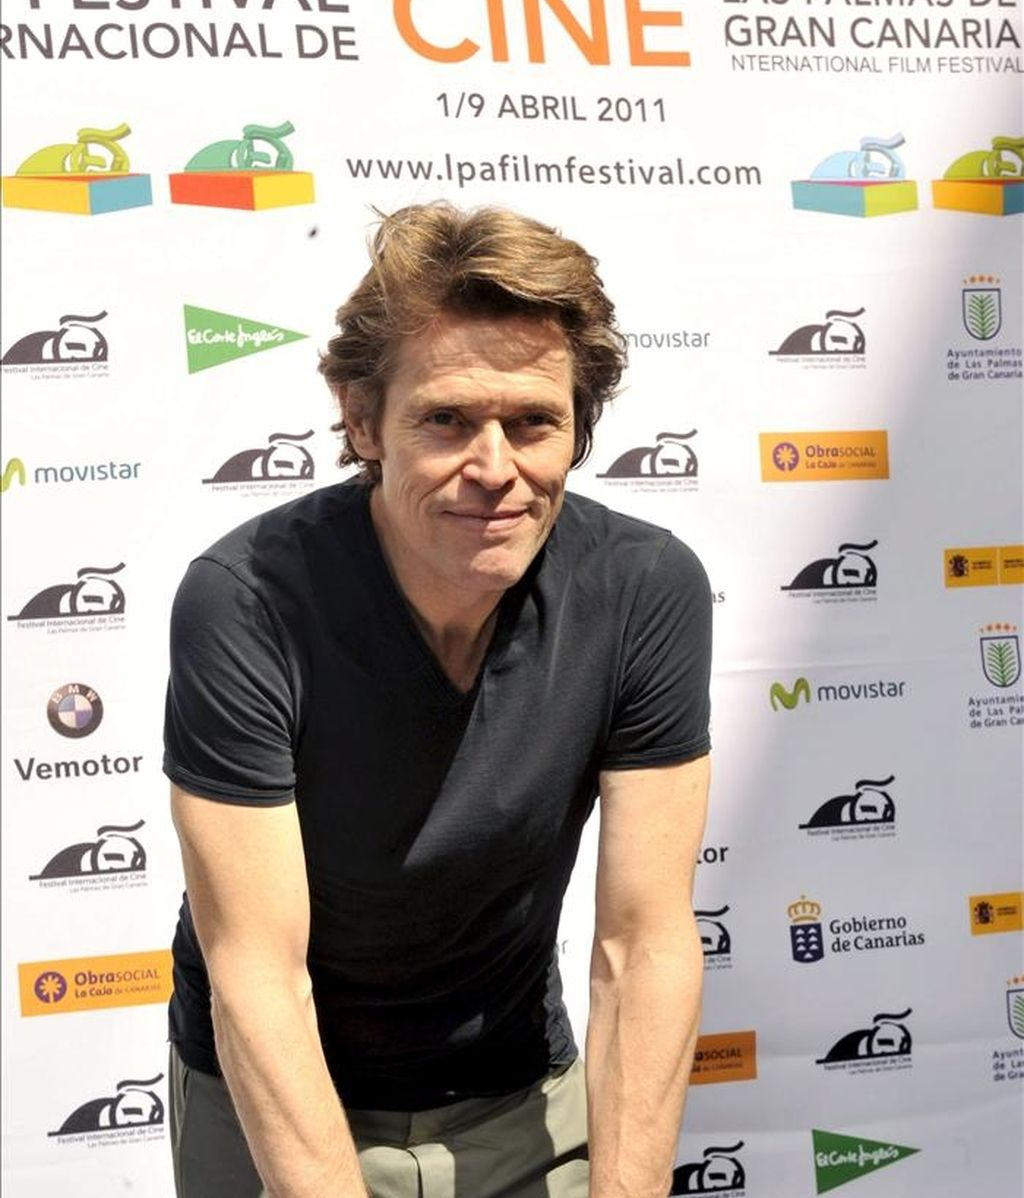 El actor estadounidense Willem Dafoe deja las huellas de sus manos en el XII Festival Internacional de Cine de Las Palmas de Gran Canaria, que hoy la rinde un homenaje y le entrega el Lady Harimaguada de honor. EFE